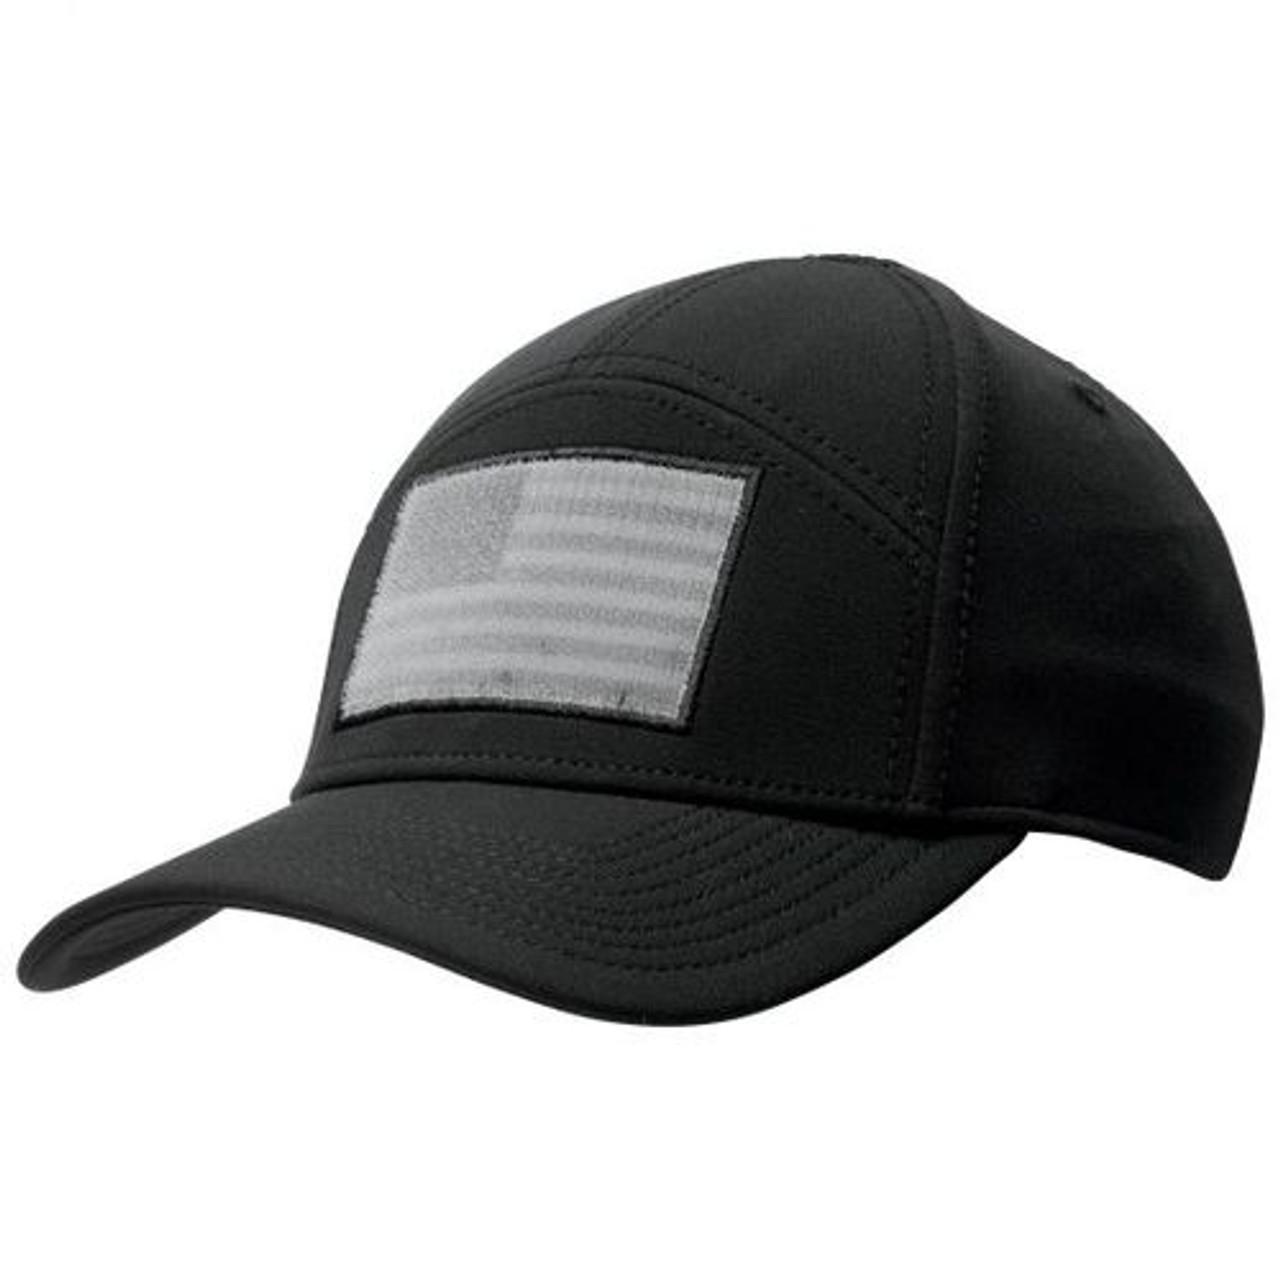 4b2ec0a96d0 5.11 Tactical Operator 2.0 A-Flex Cap